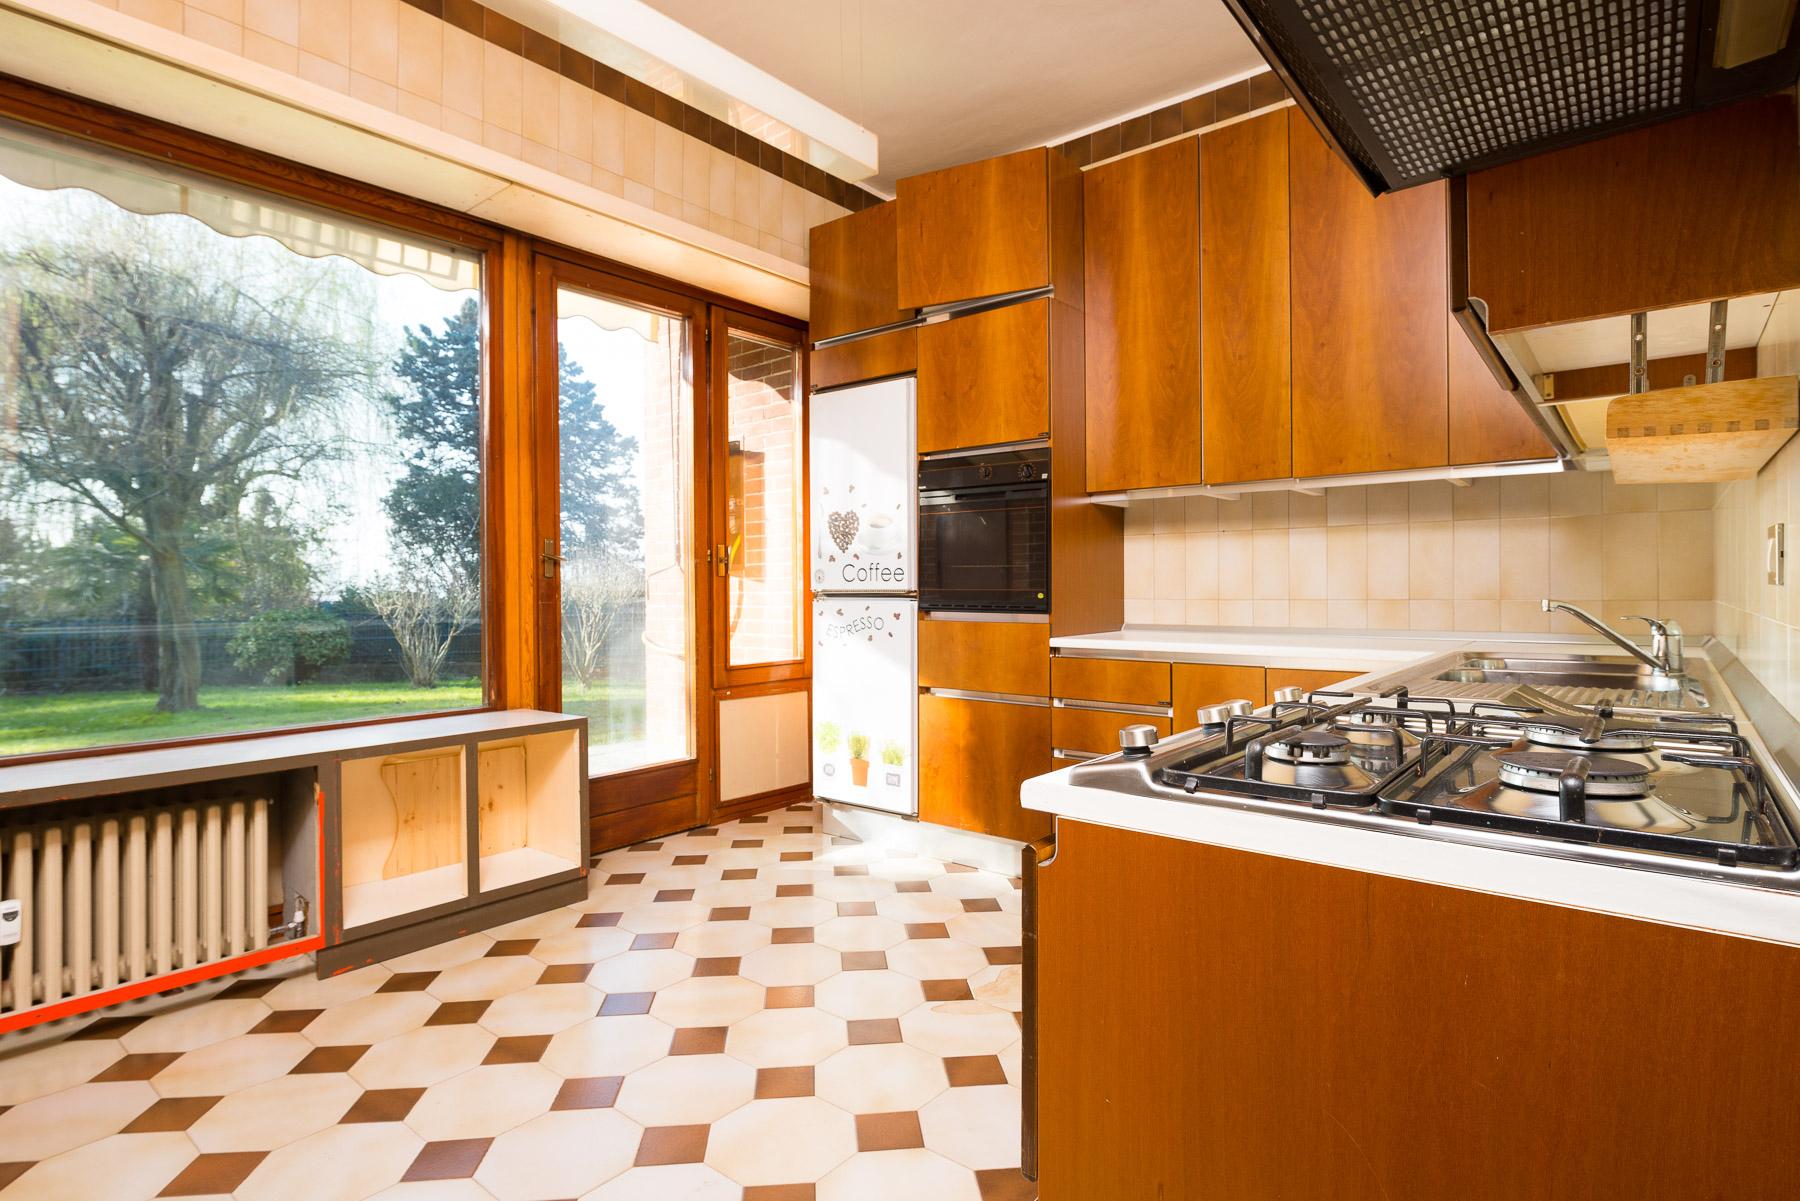 Appartamento in Vendita a Torino: 5 locali, 160 mq - Foto 5